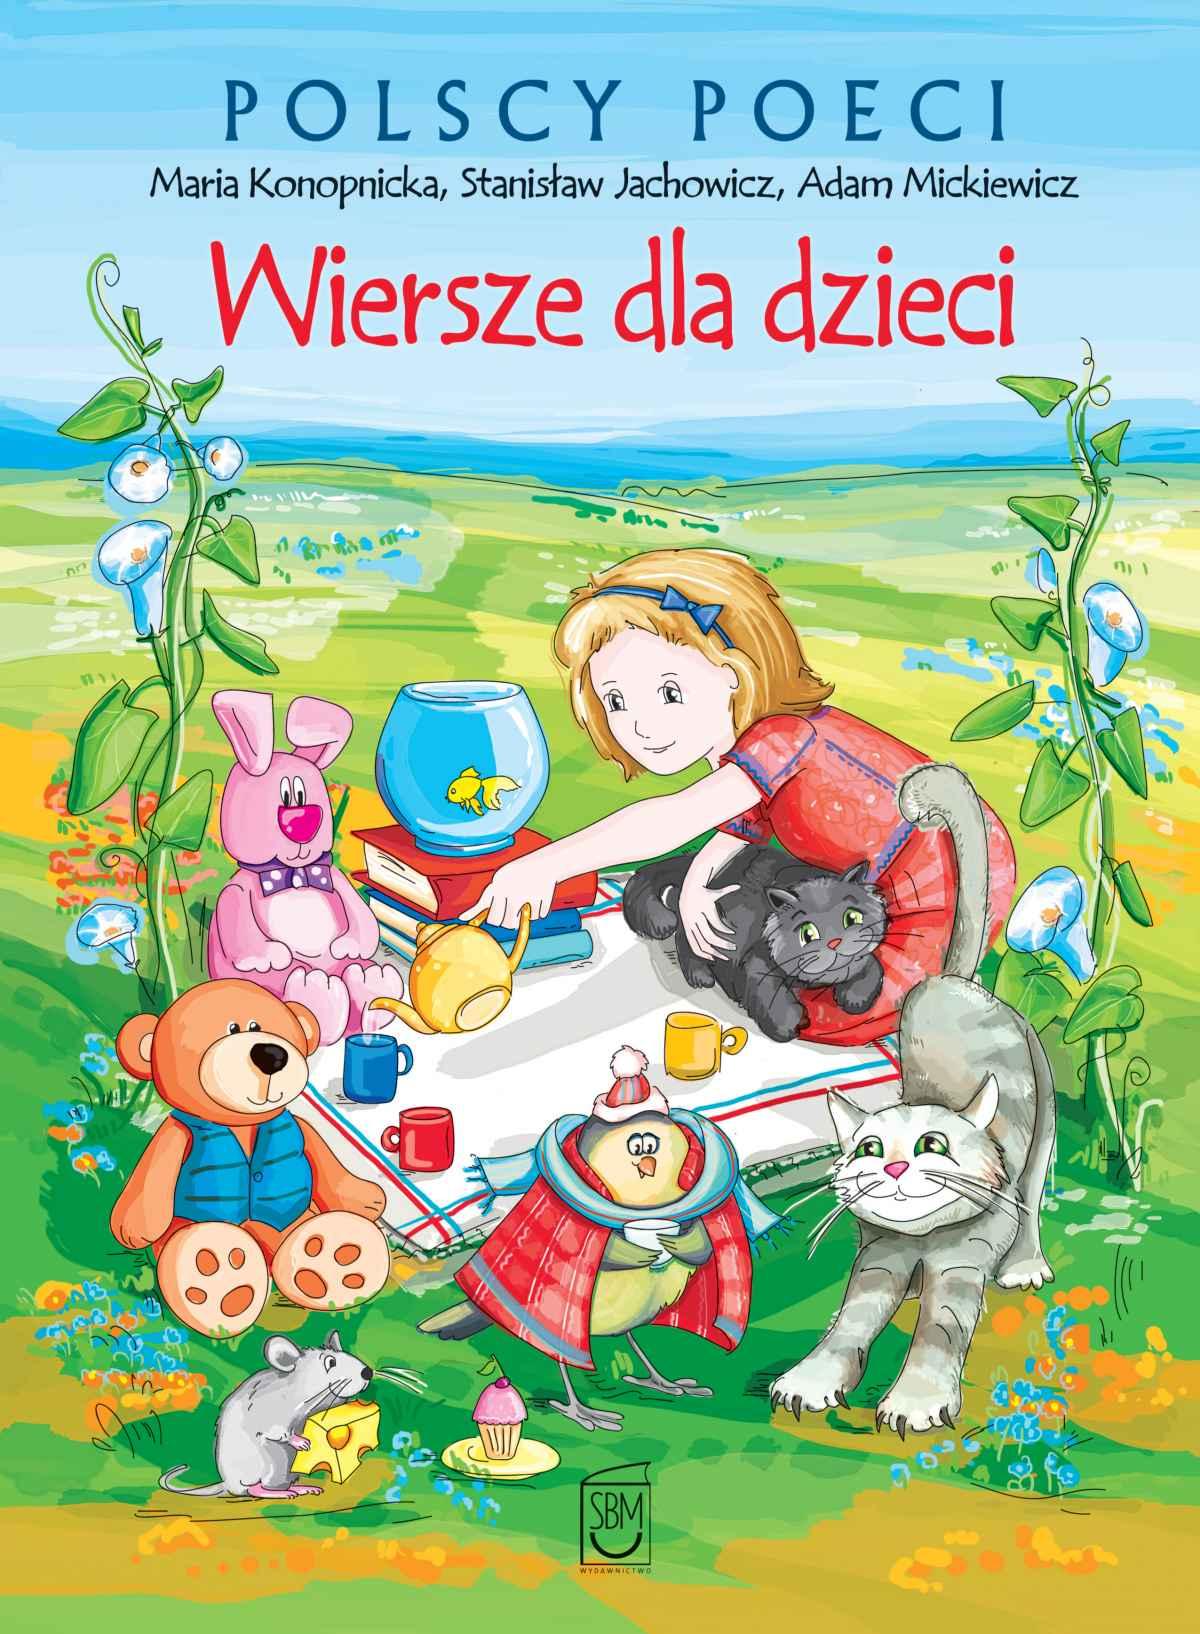 Polscy poeci. Wiersze dla dzieci. Konopnicka, Mickiewicz - Ebook (Książka PDF) do pobrania w formacie PDF